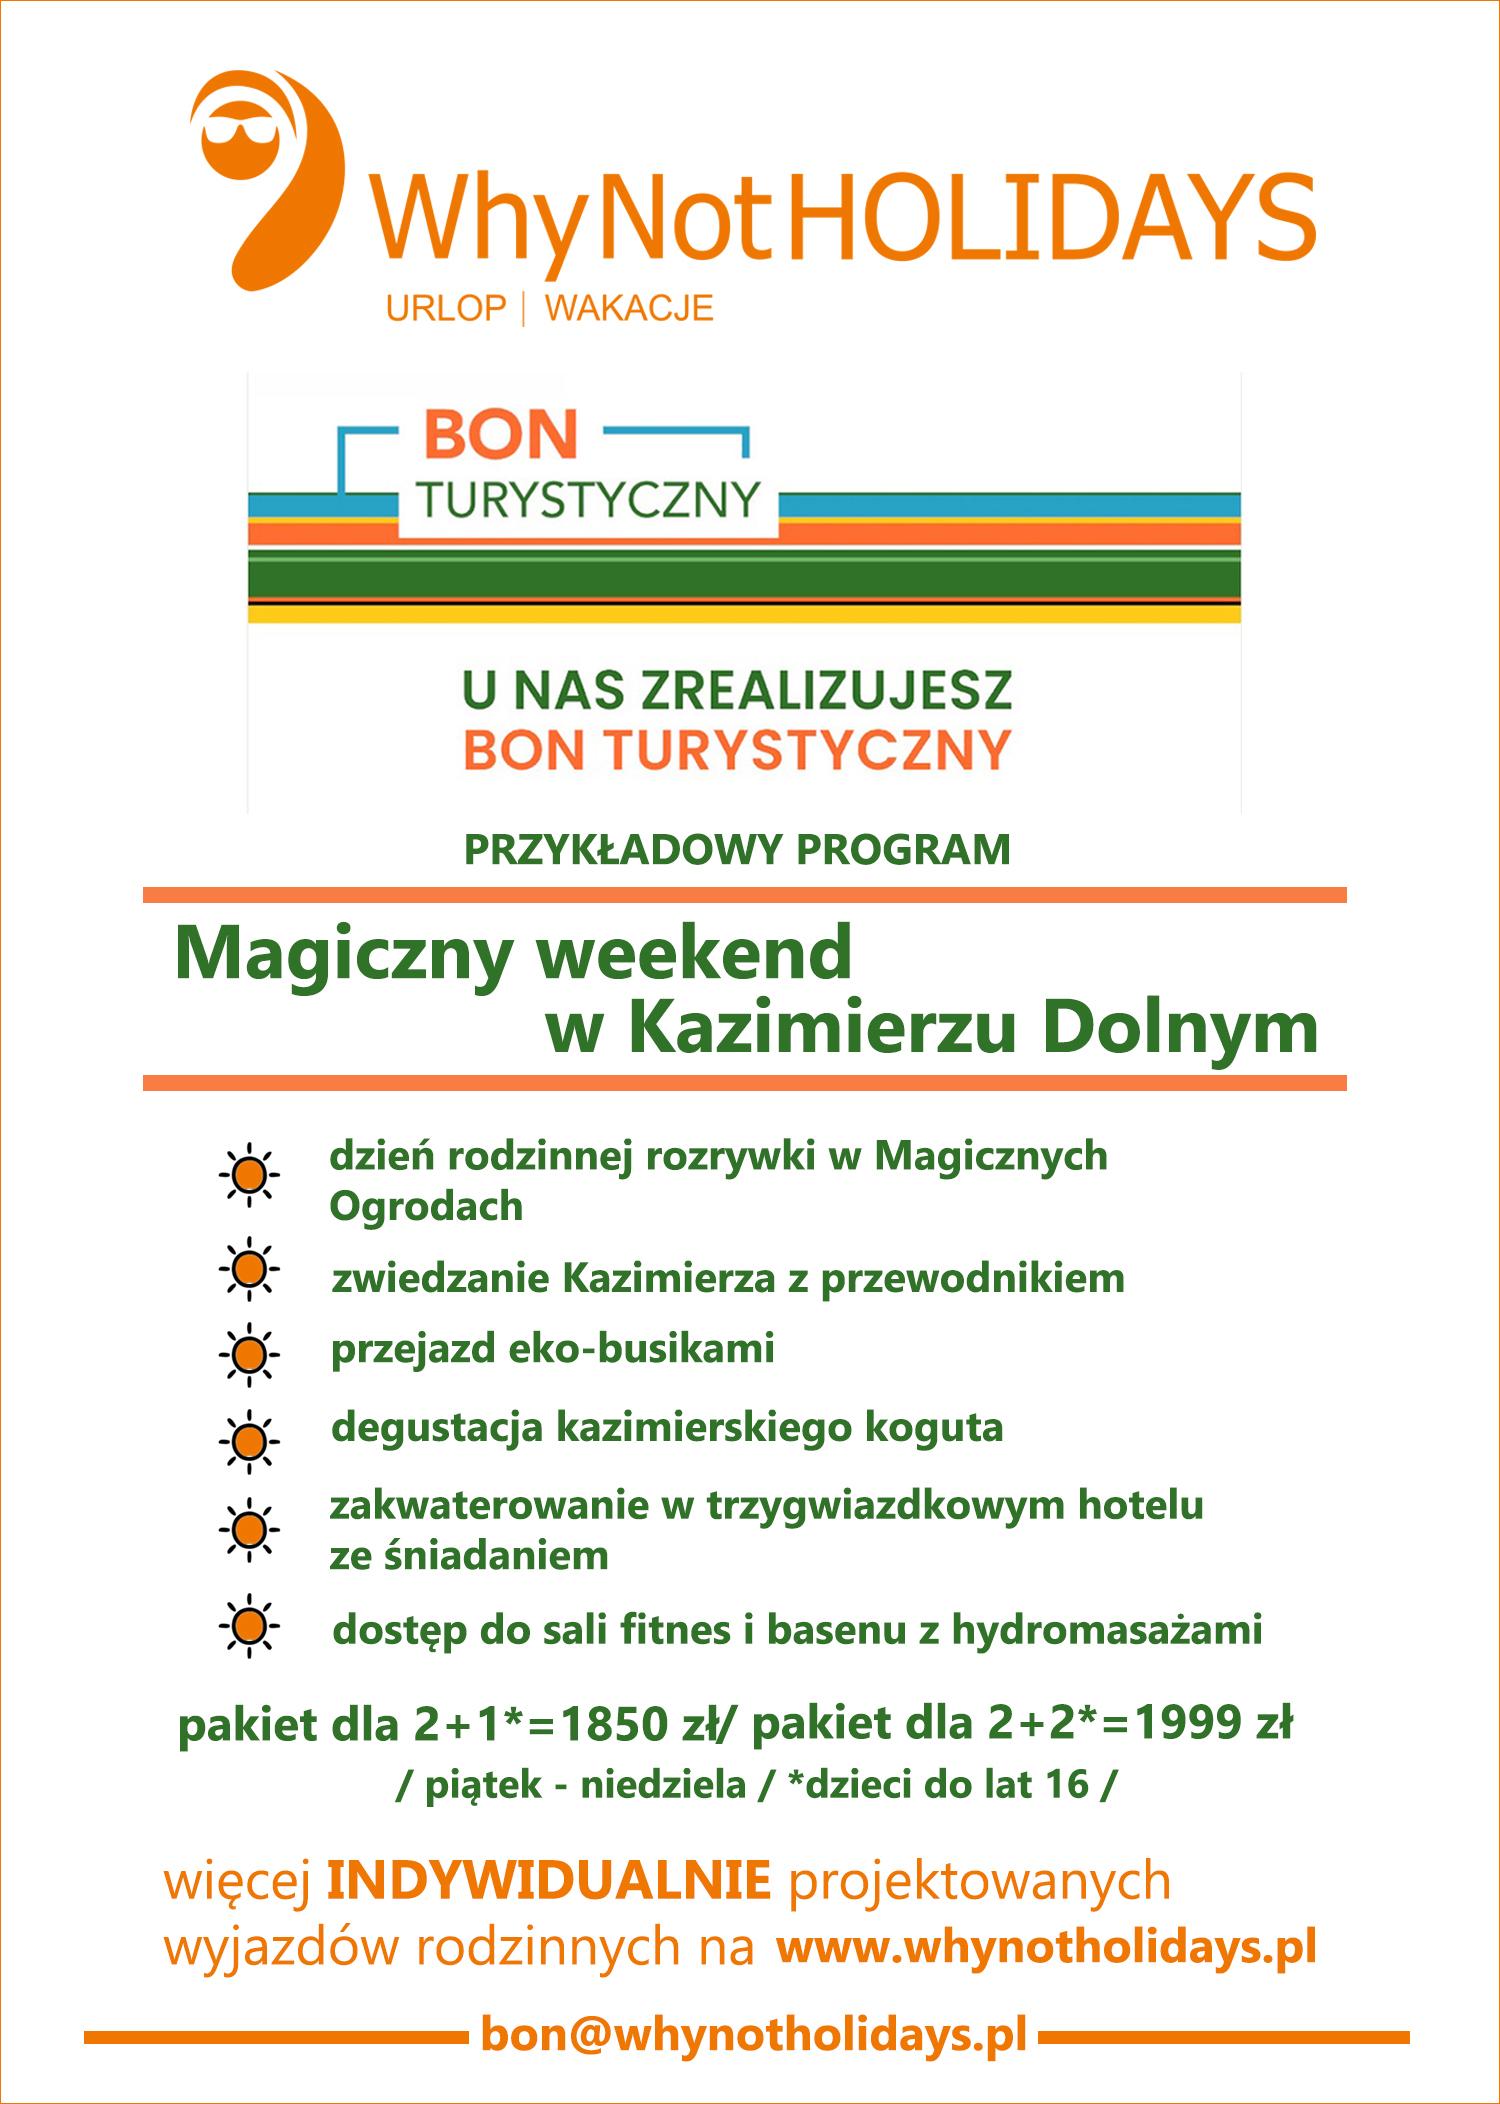 Magiczny-weekend-w-Kaziemierzu-Dolnym